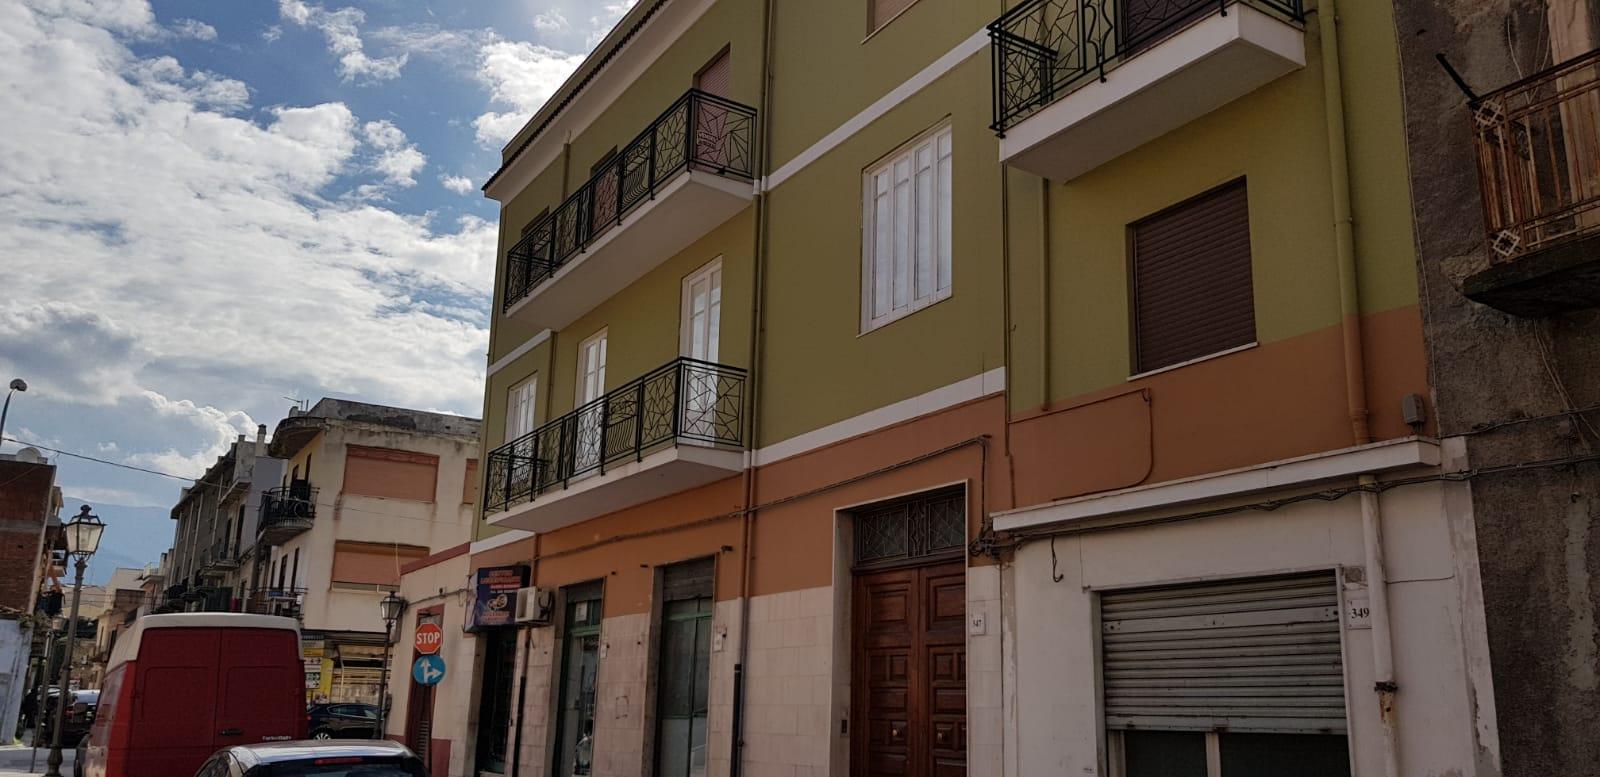 Appartamento in vendita a Barcellona Pozzo di Gotto, 6 locali, prezzo € 85.000 | PortaleAgenzieImmobiliari.it